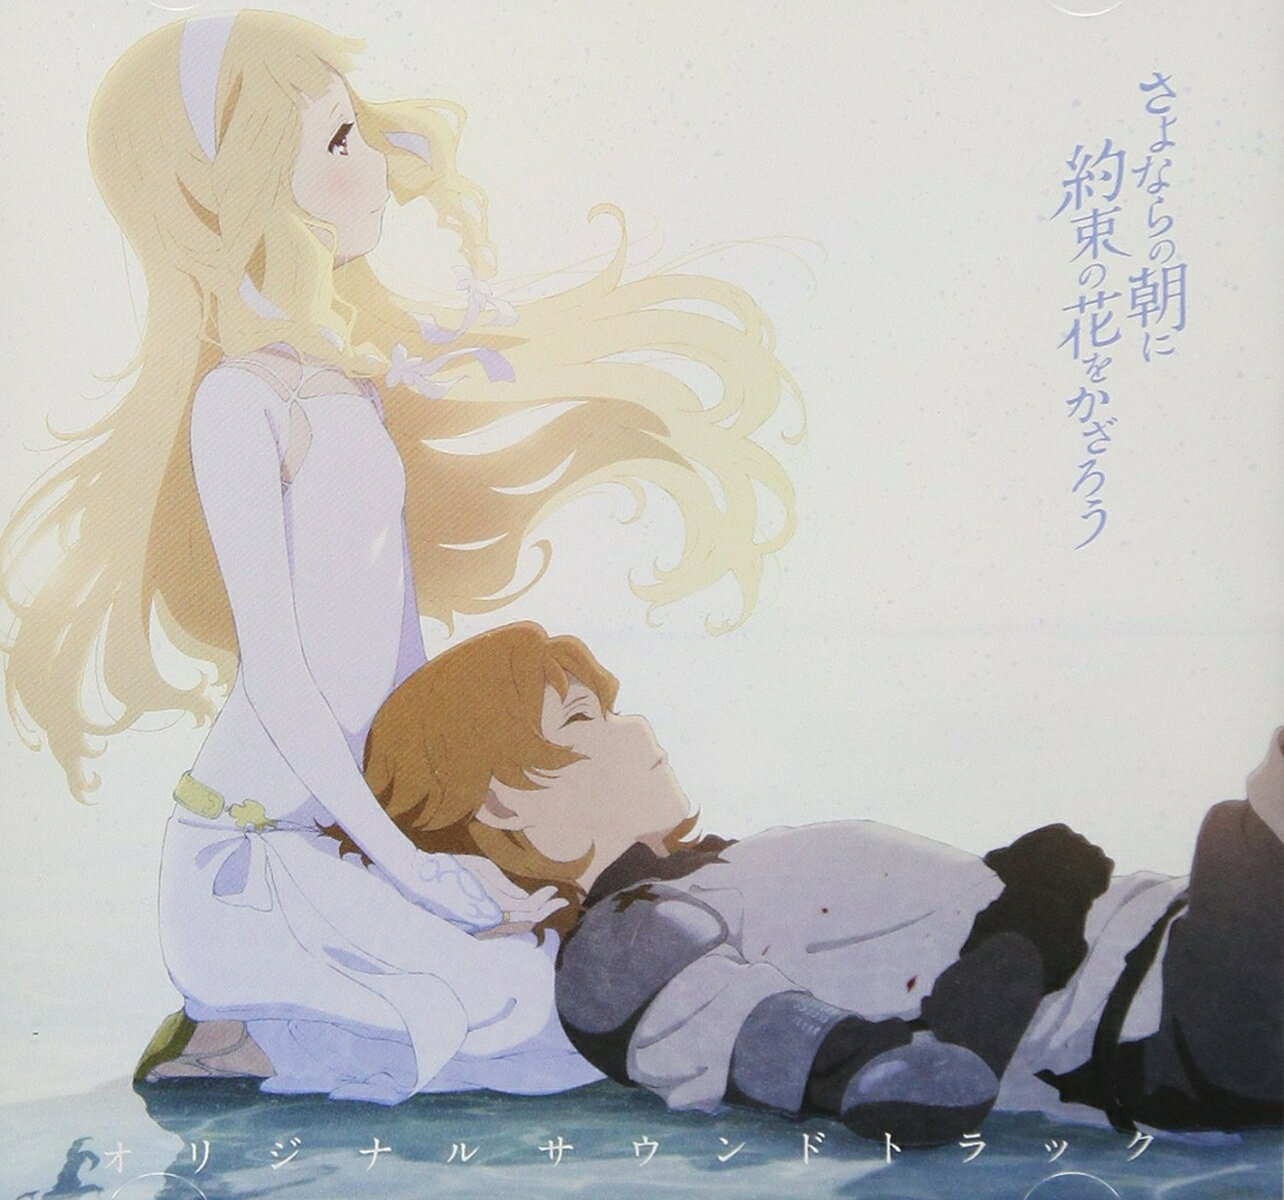 映画『さよならの朝に約束の花をかざろう』オリジナルサウンドトラック [ 川井憲次 ]